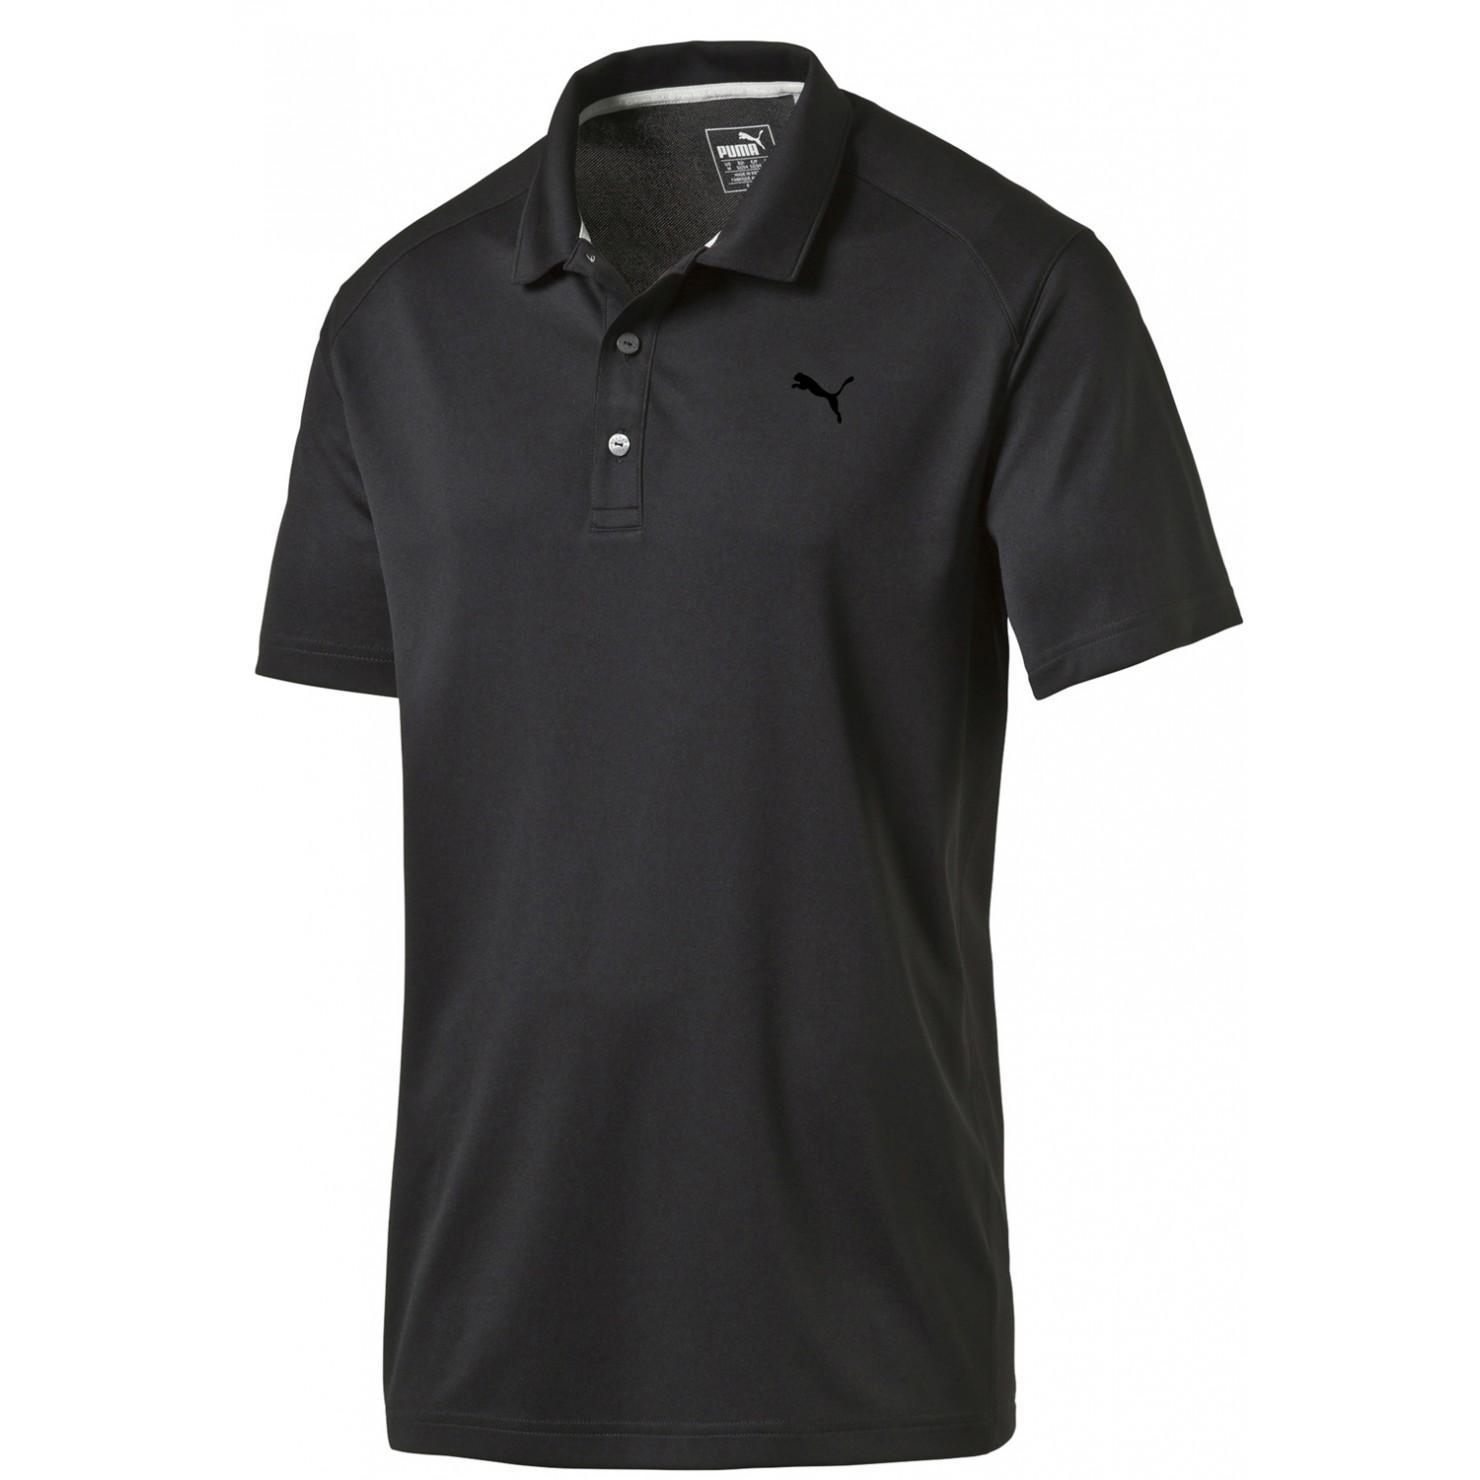 New-2017-Puma-Golf-Essential-Pounce-Mens-Polo-